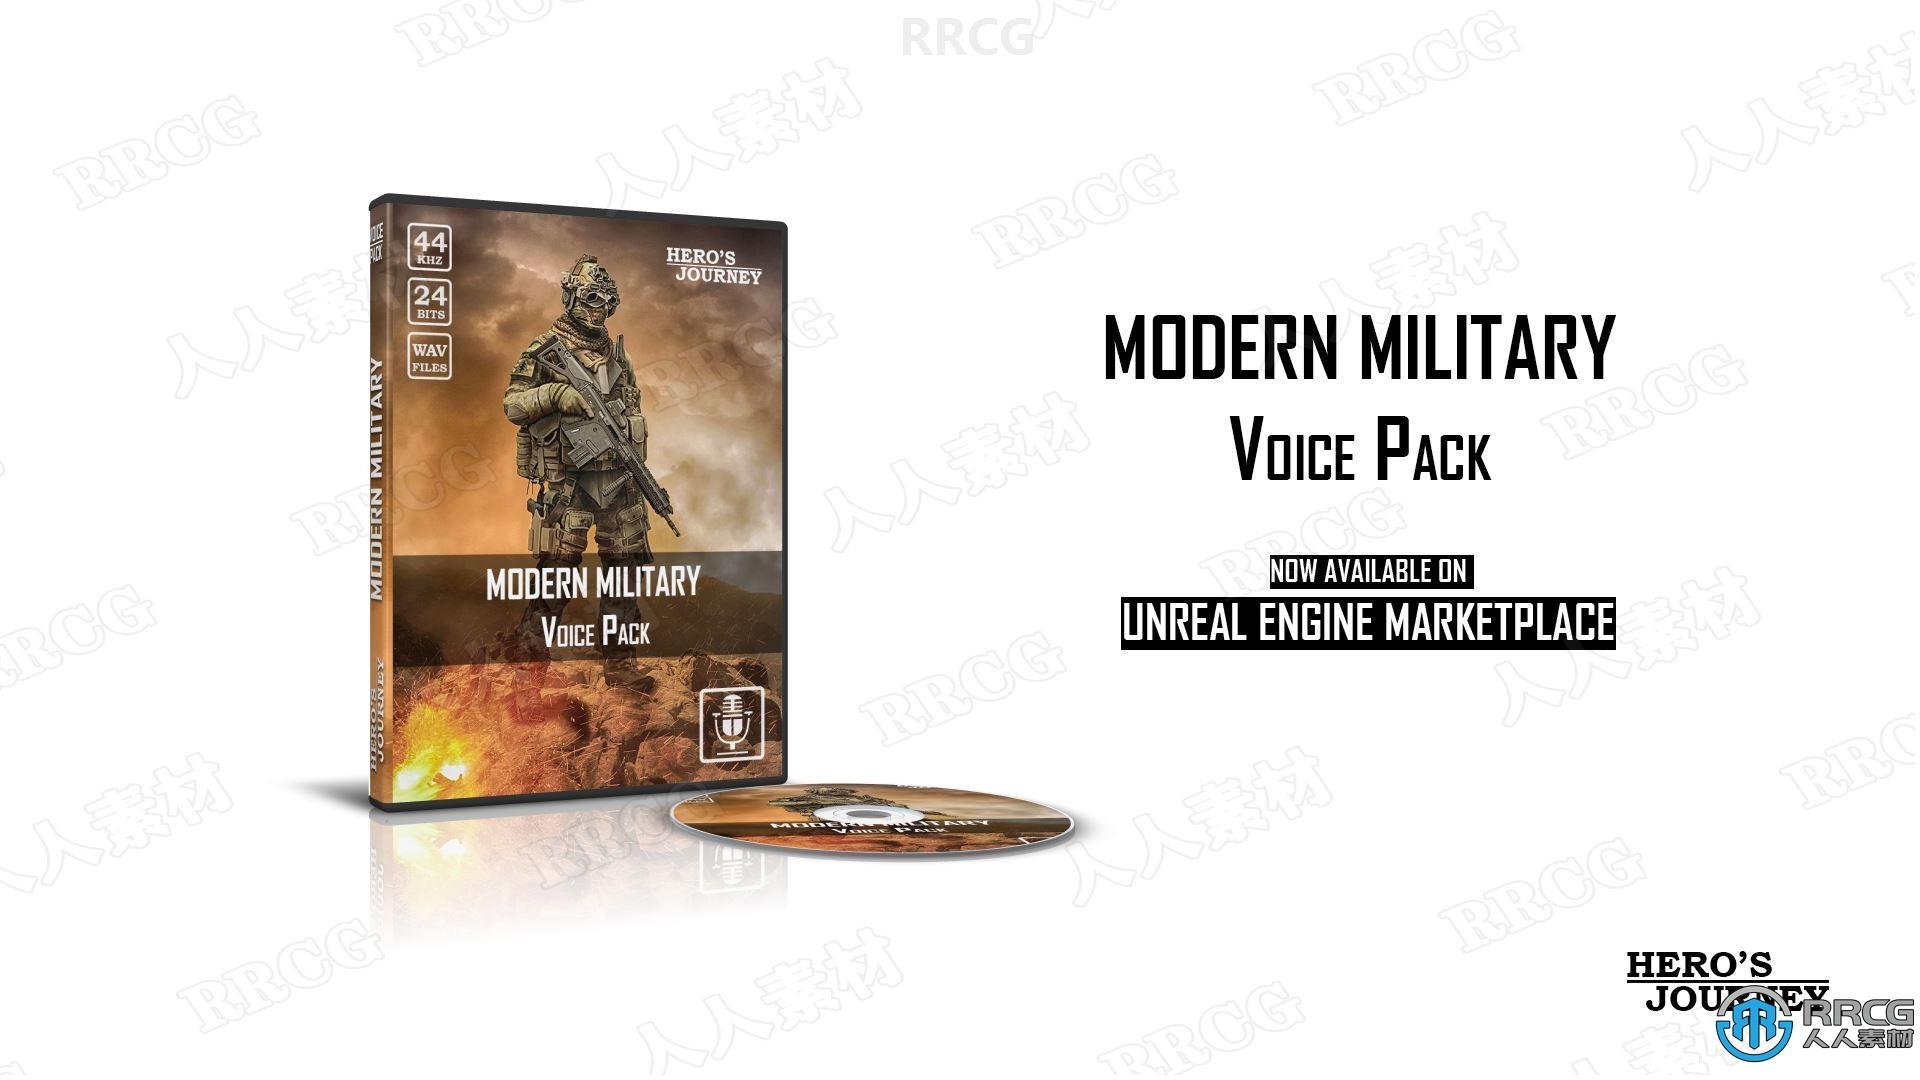 400种现代军事射击类声音文件Unreal Engine游戏素材资源